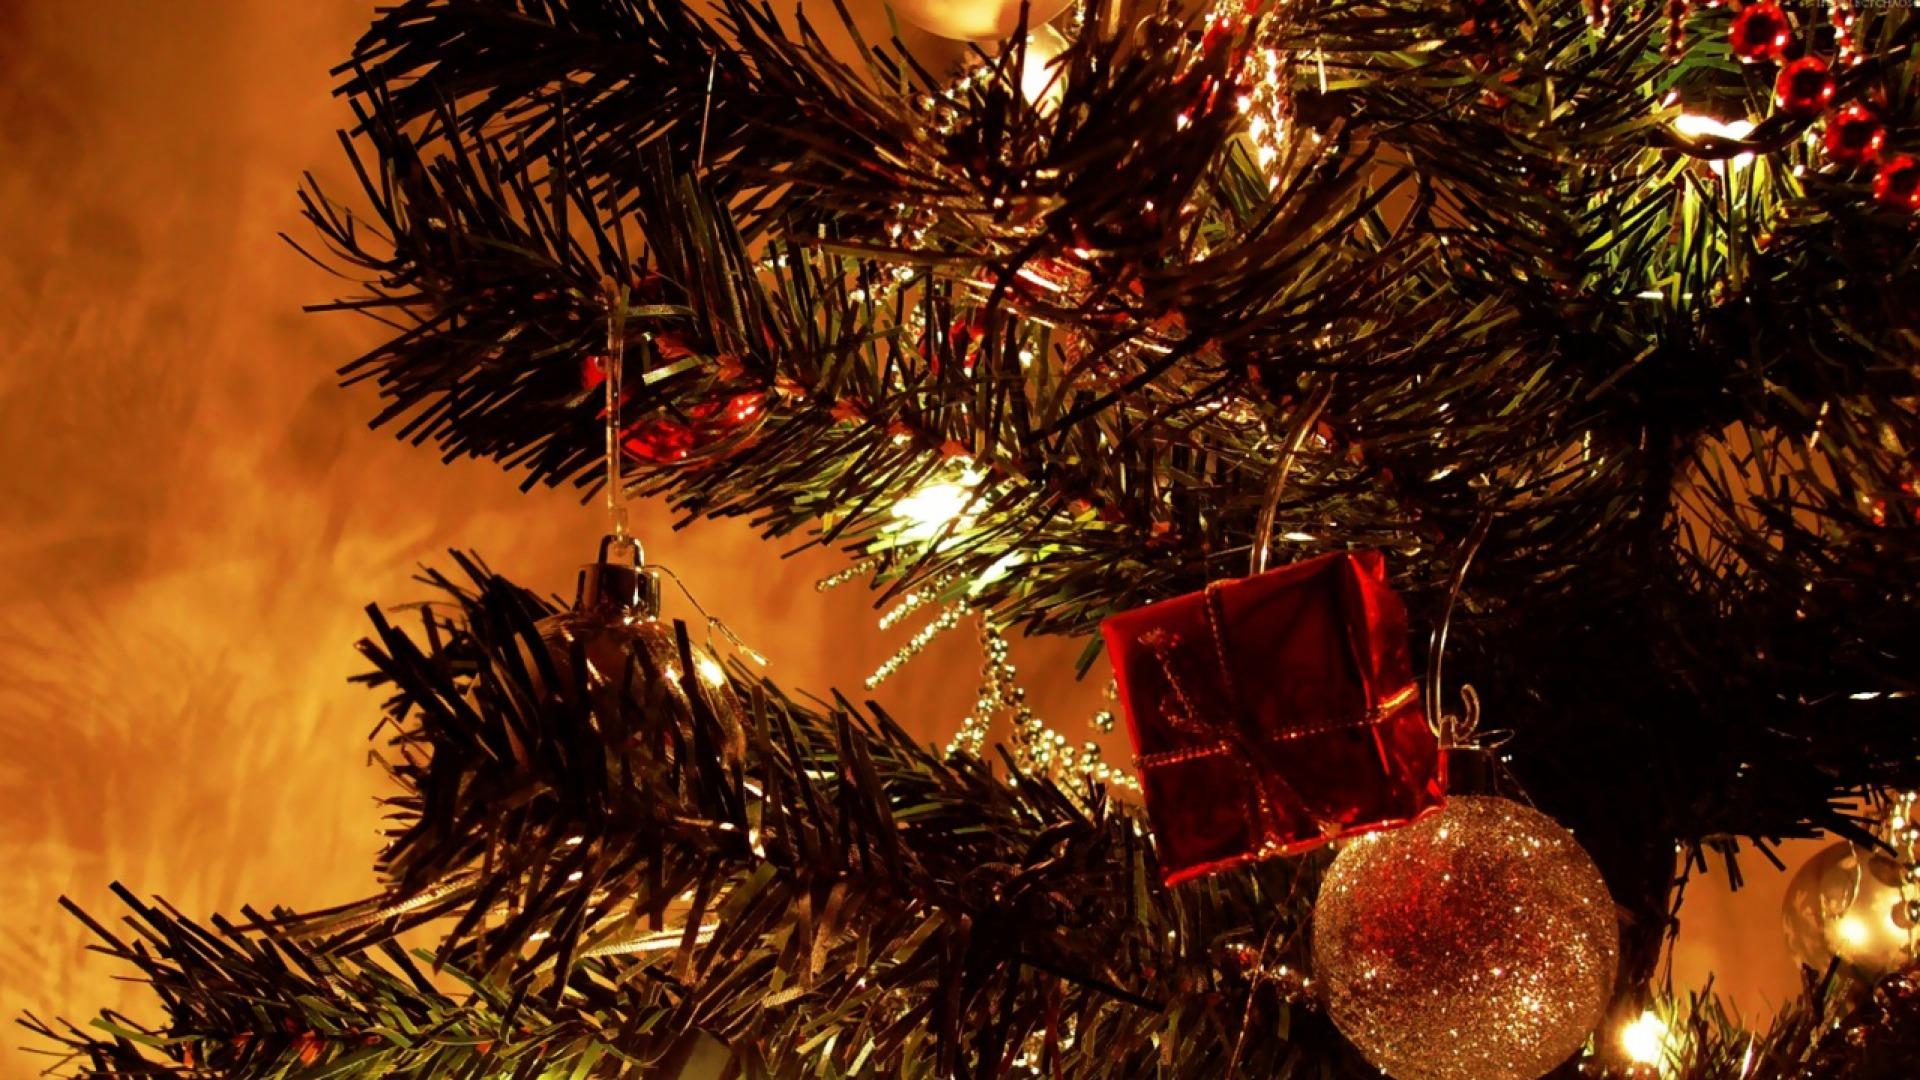 Bộ Sưu Tập Ảnh Giáng Sinh - Page 4 Christmaseve5